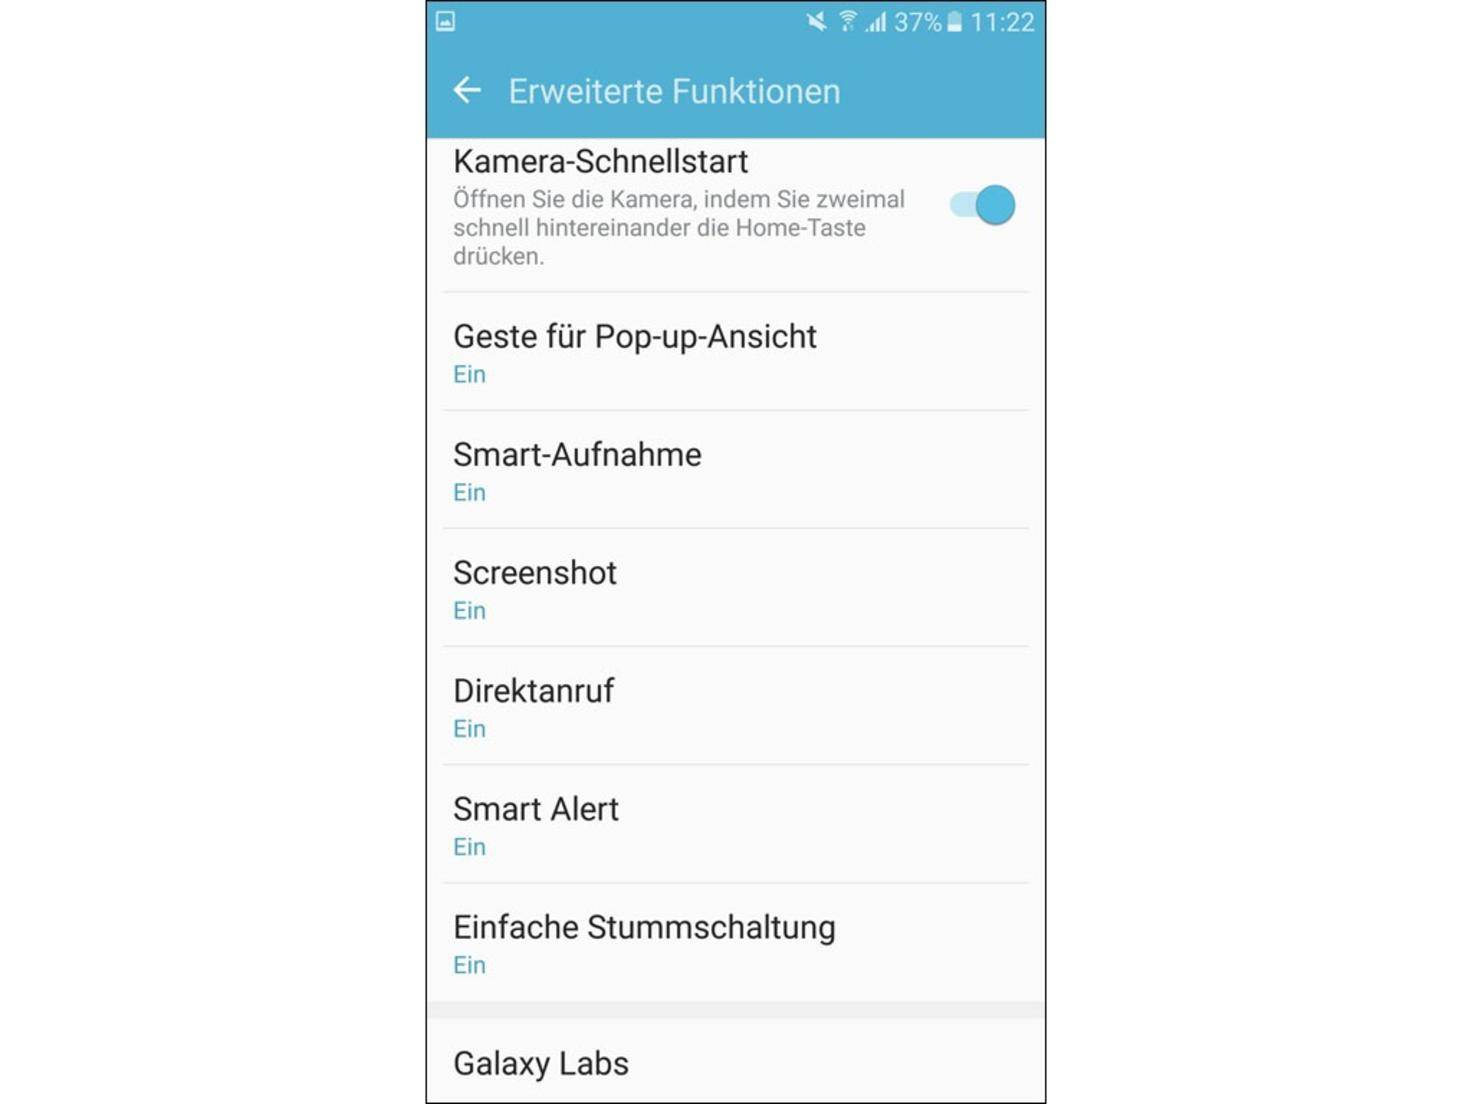 Ein Screenshot entsteht per Handgeste oder Tastenkombi.